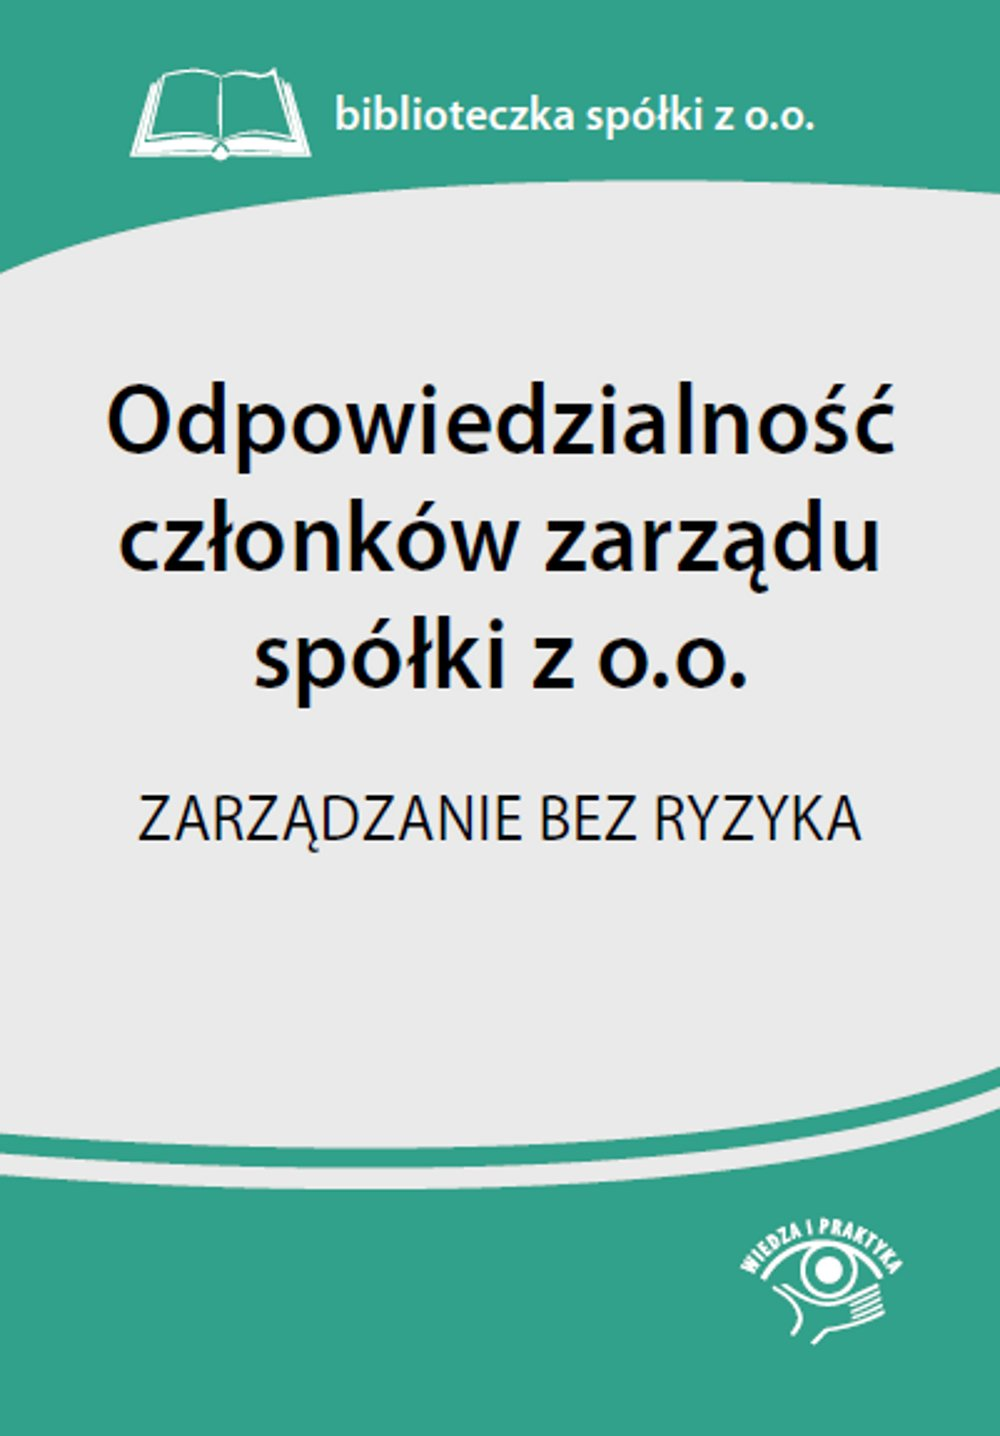 Odpowiedzialność członków zarządu spółki z o.o. Zarządzanie bez ryzyka - Ebook (Książka PDF) do pobrania w formacie PDF